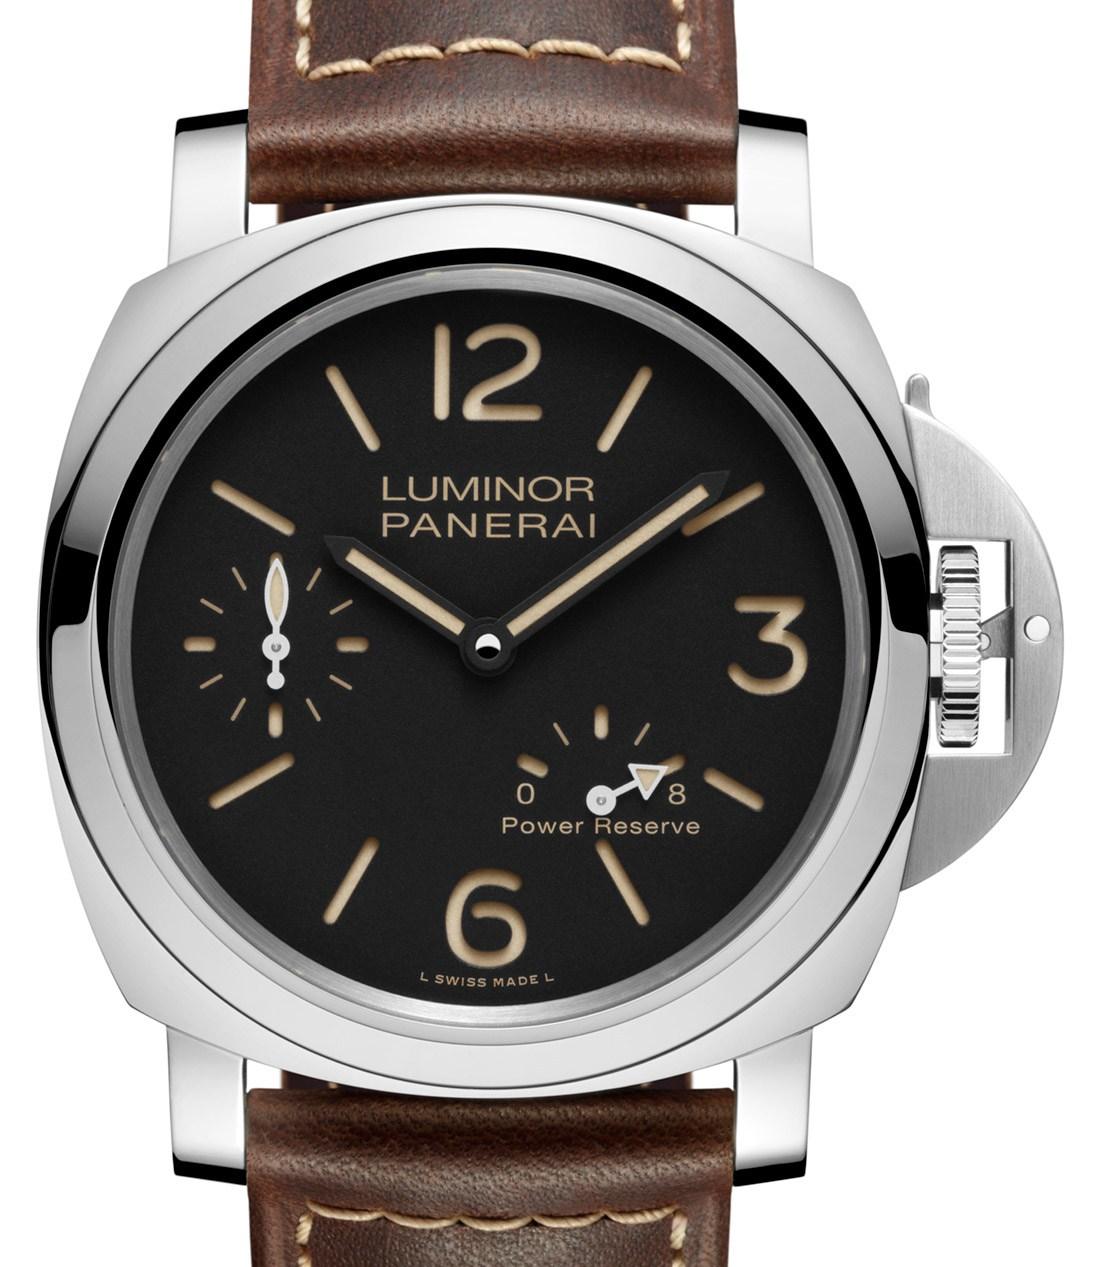 panerai-luminor-marina-8-days-power-reserve-watch-pam795-steel-pam797-titanium-3.jpg